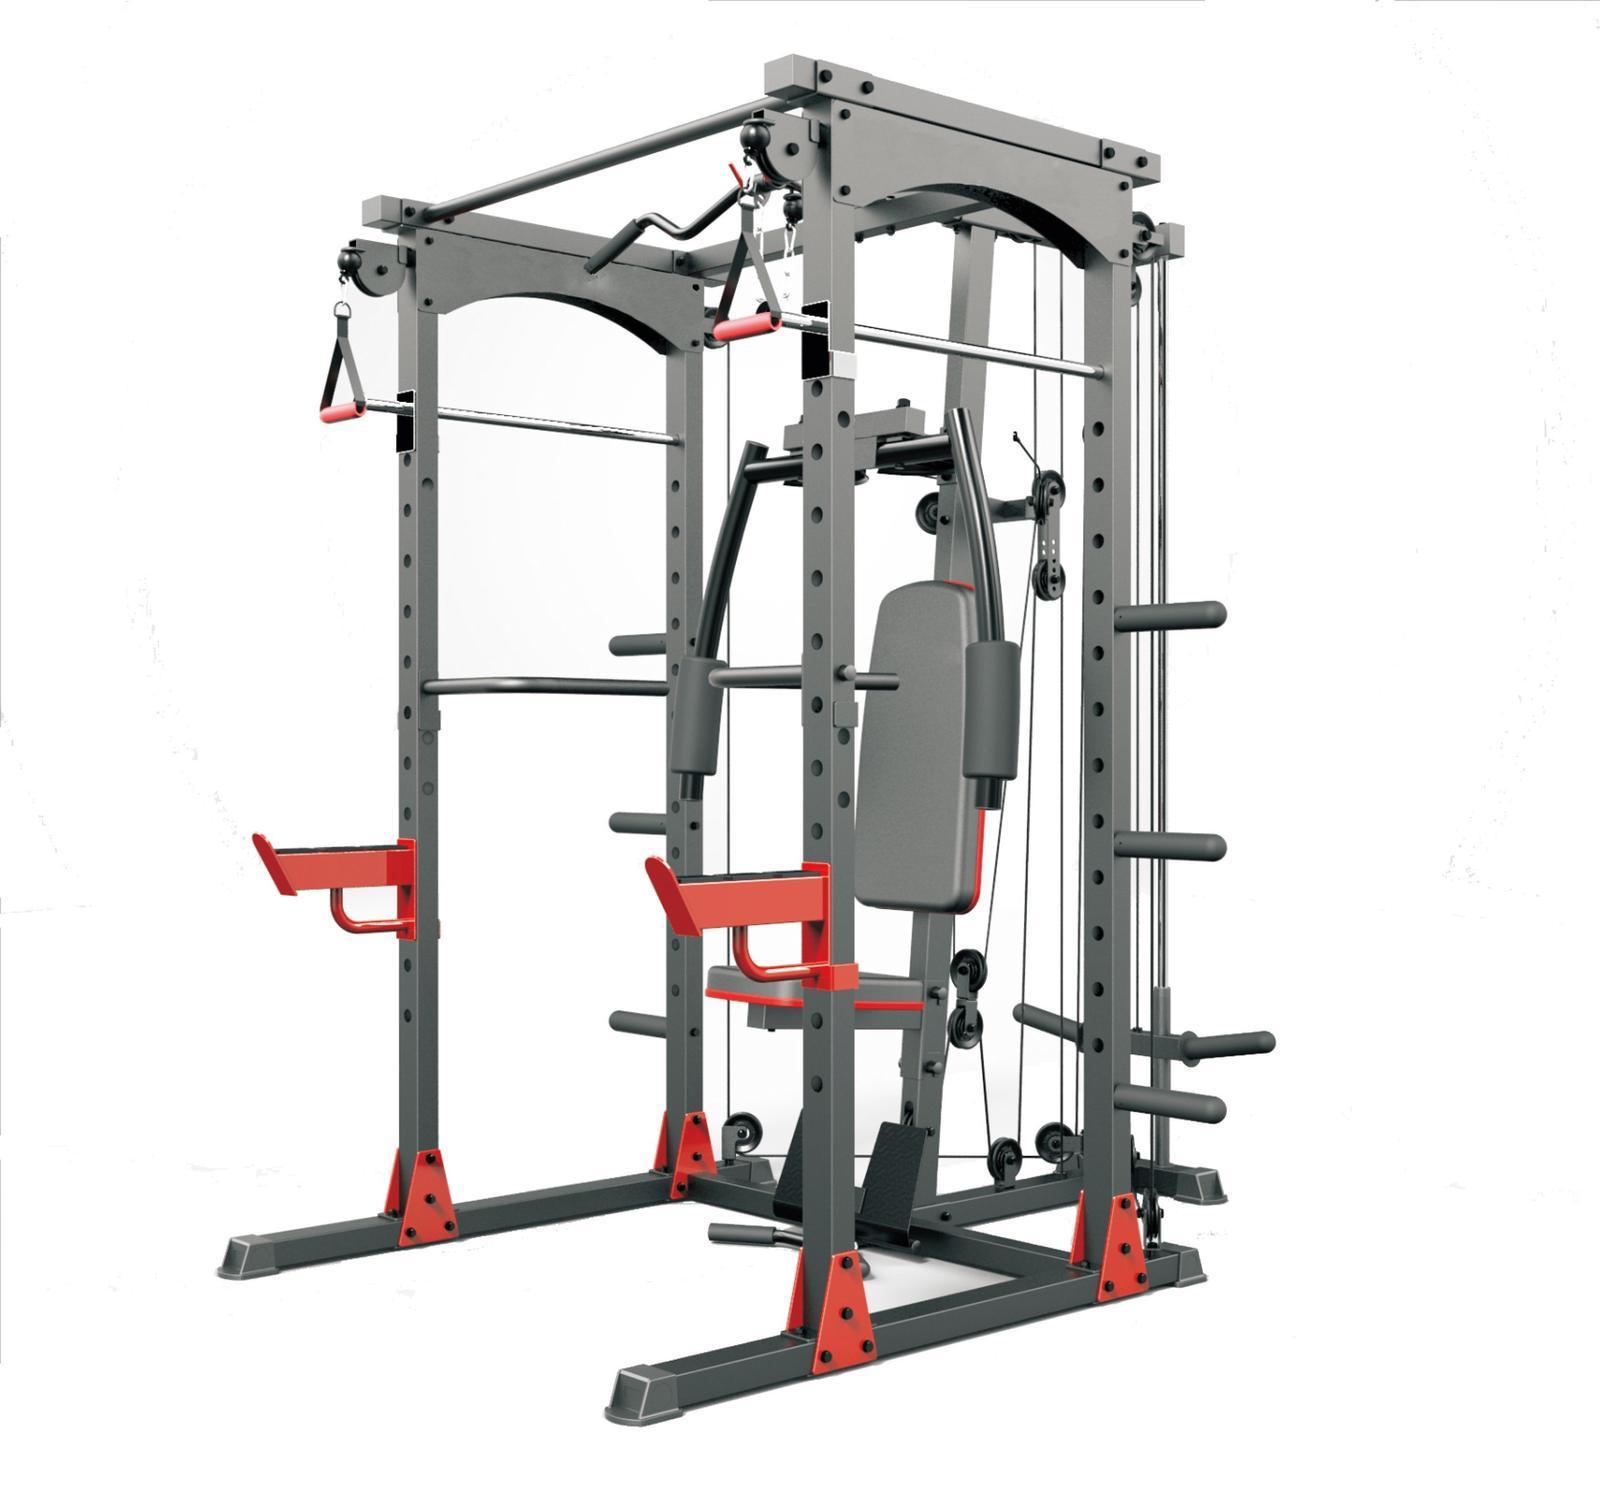 TEKKFIT - Gabbia rack multifunzione per allenare tutto il corpo